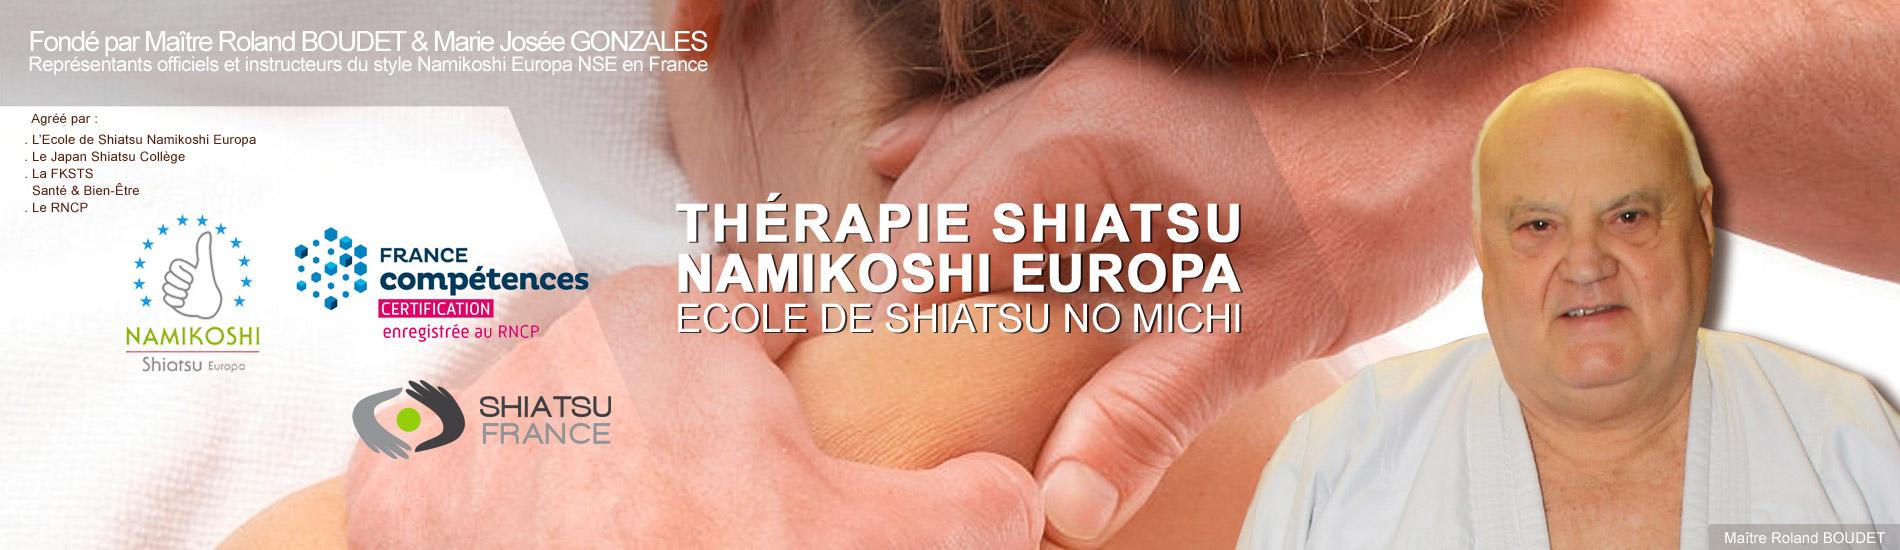 Thérapie ShiatsuNamikoshi Europa